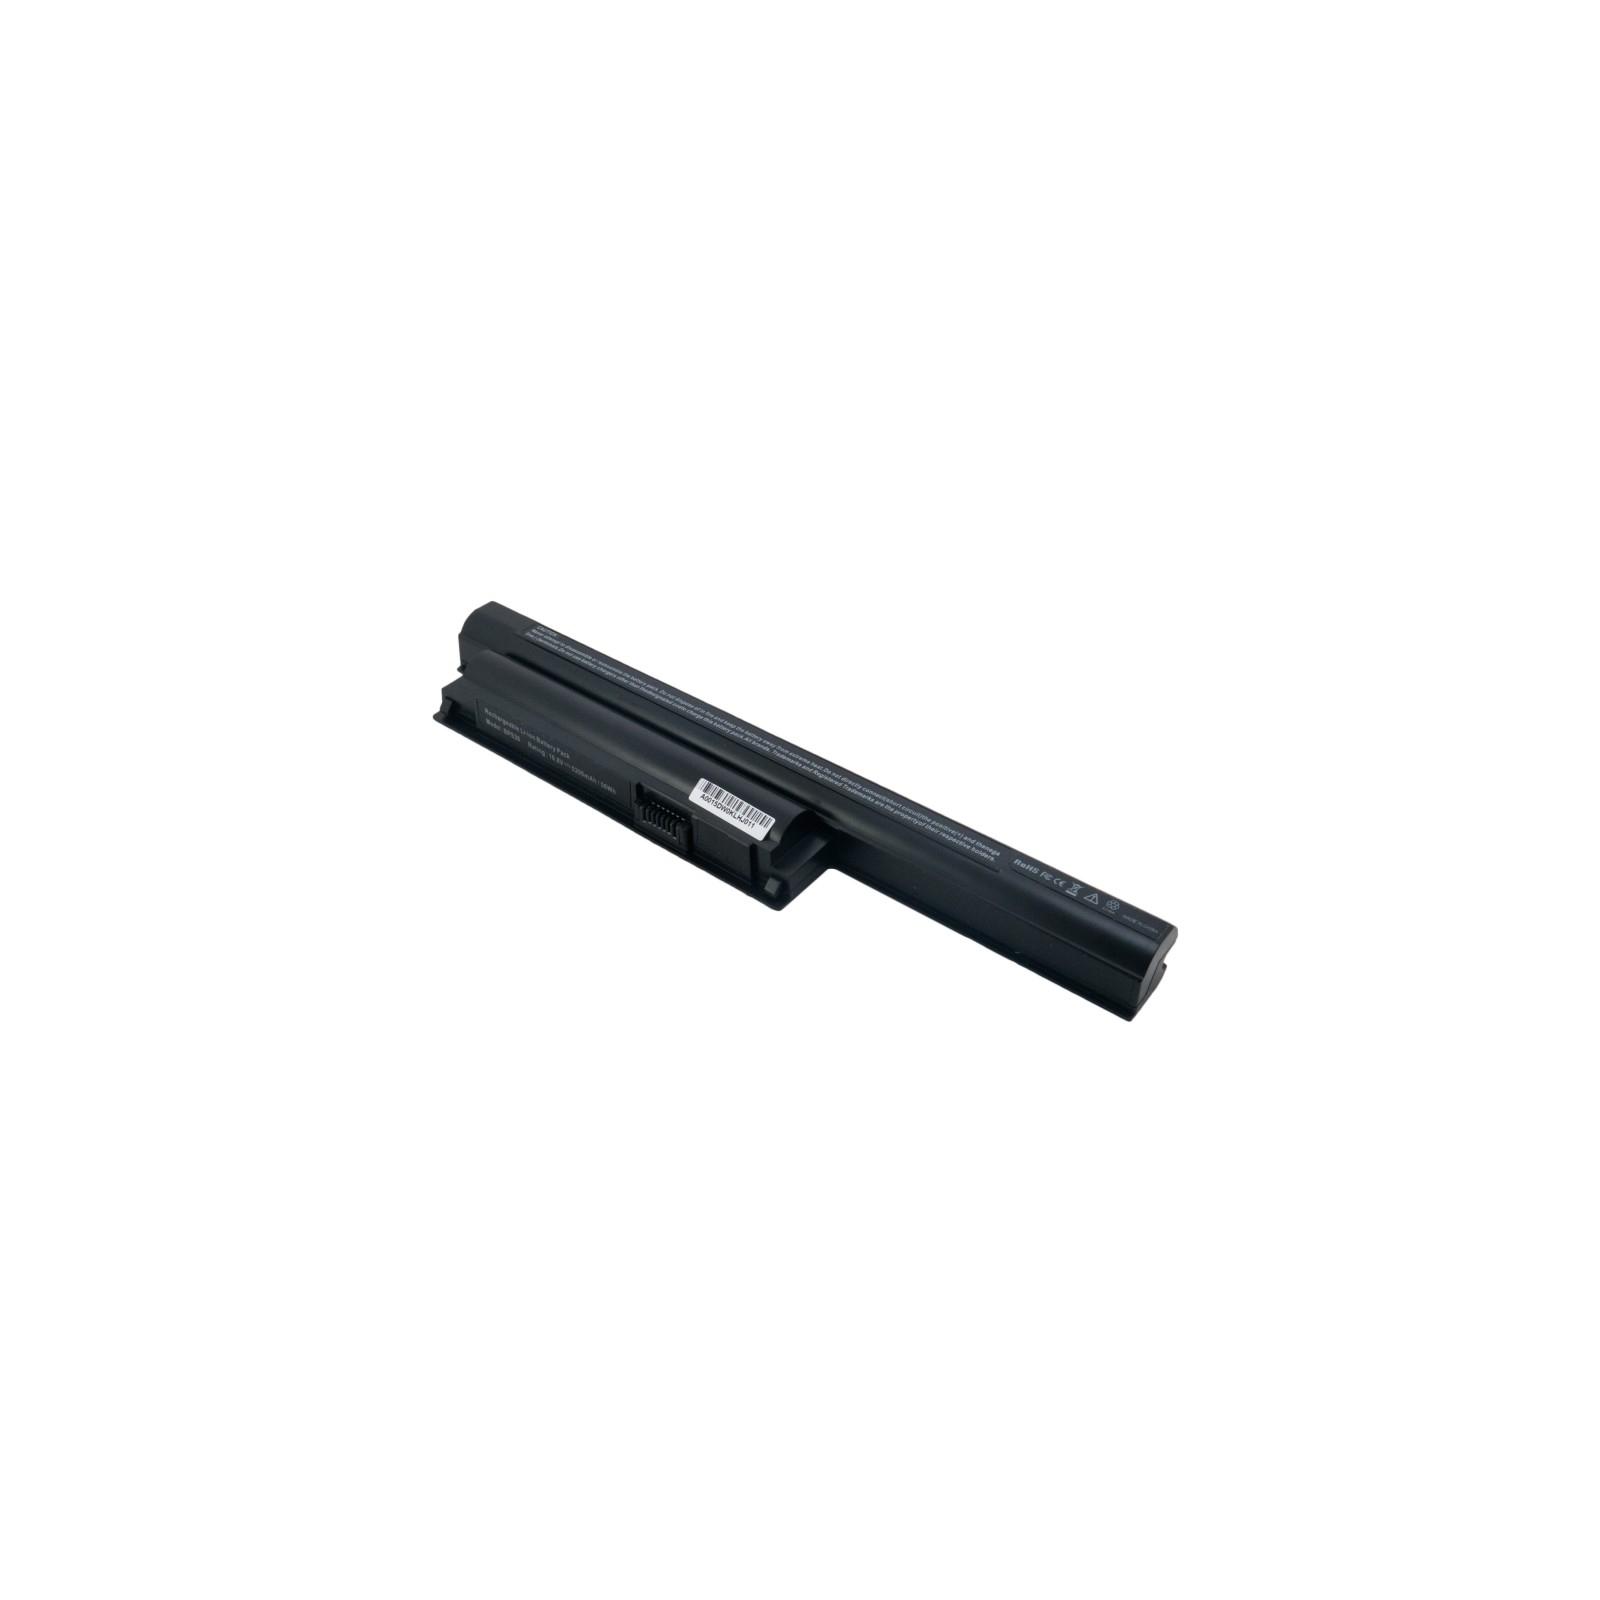 Аккумулятор для ноутбука Sony VAIO (VGP-BPS26) 5200 mAh, 56 Wh EXTRADIGITAL (BNS3966) изображение 5